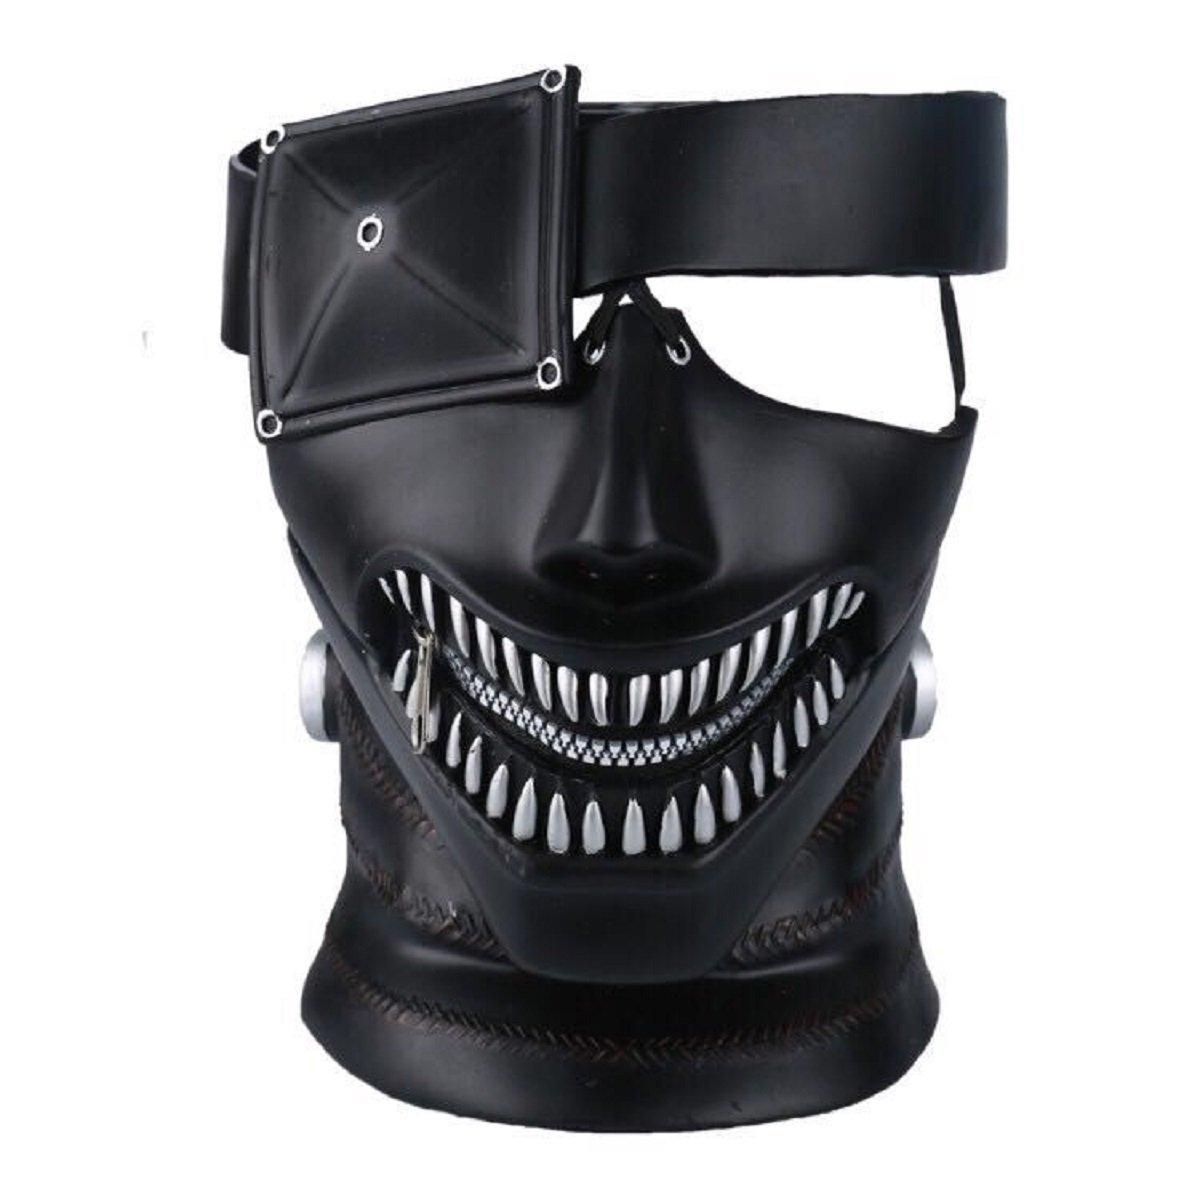 Tokyo Ghoul mask& Kaneki Mask,Japan Anime Mask Cosplay by Yacn